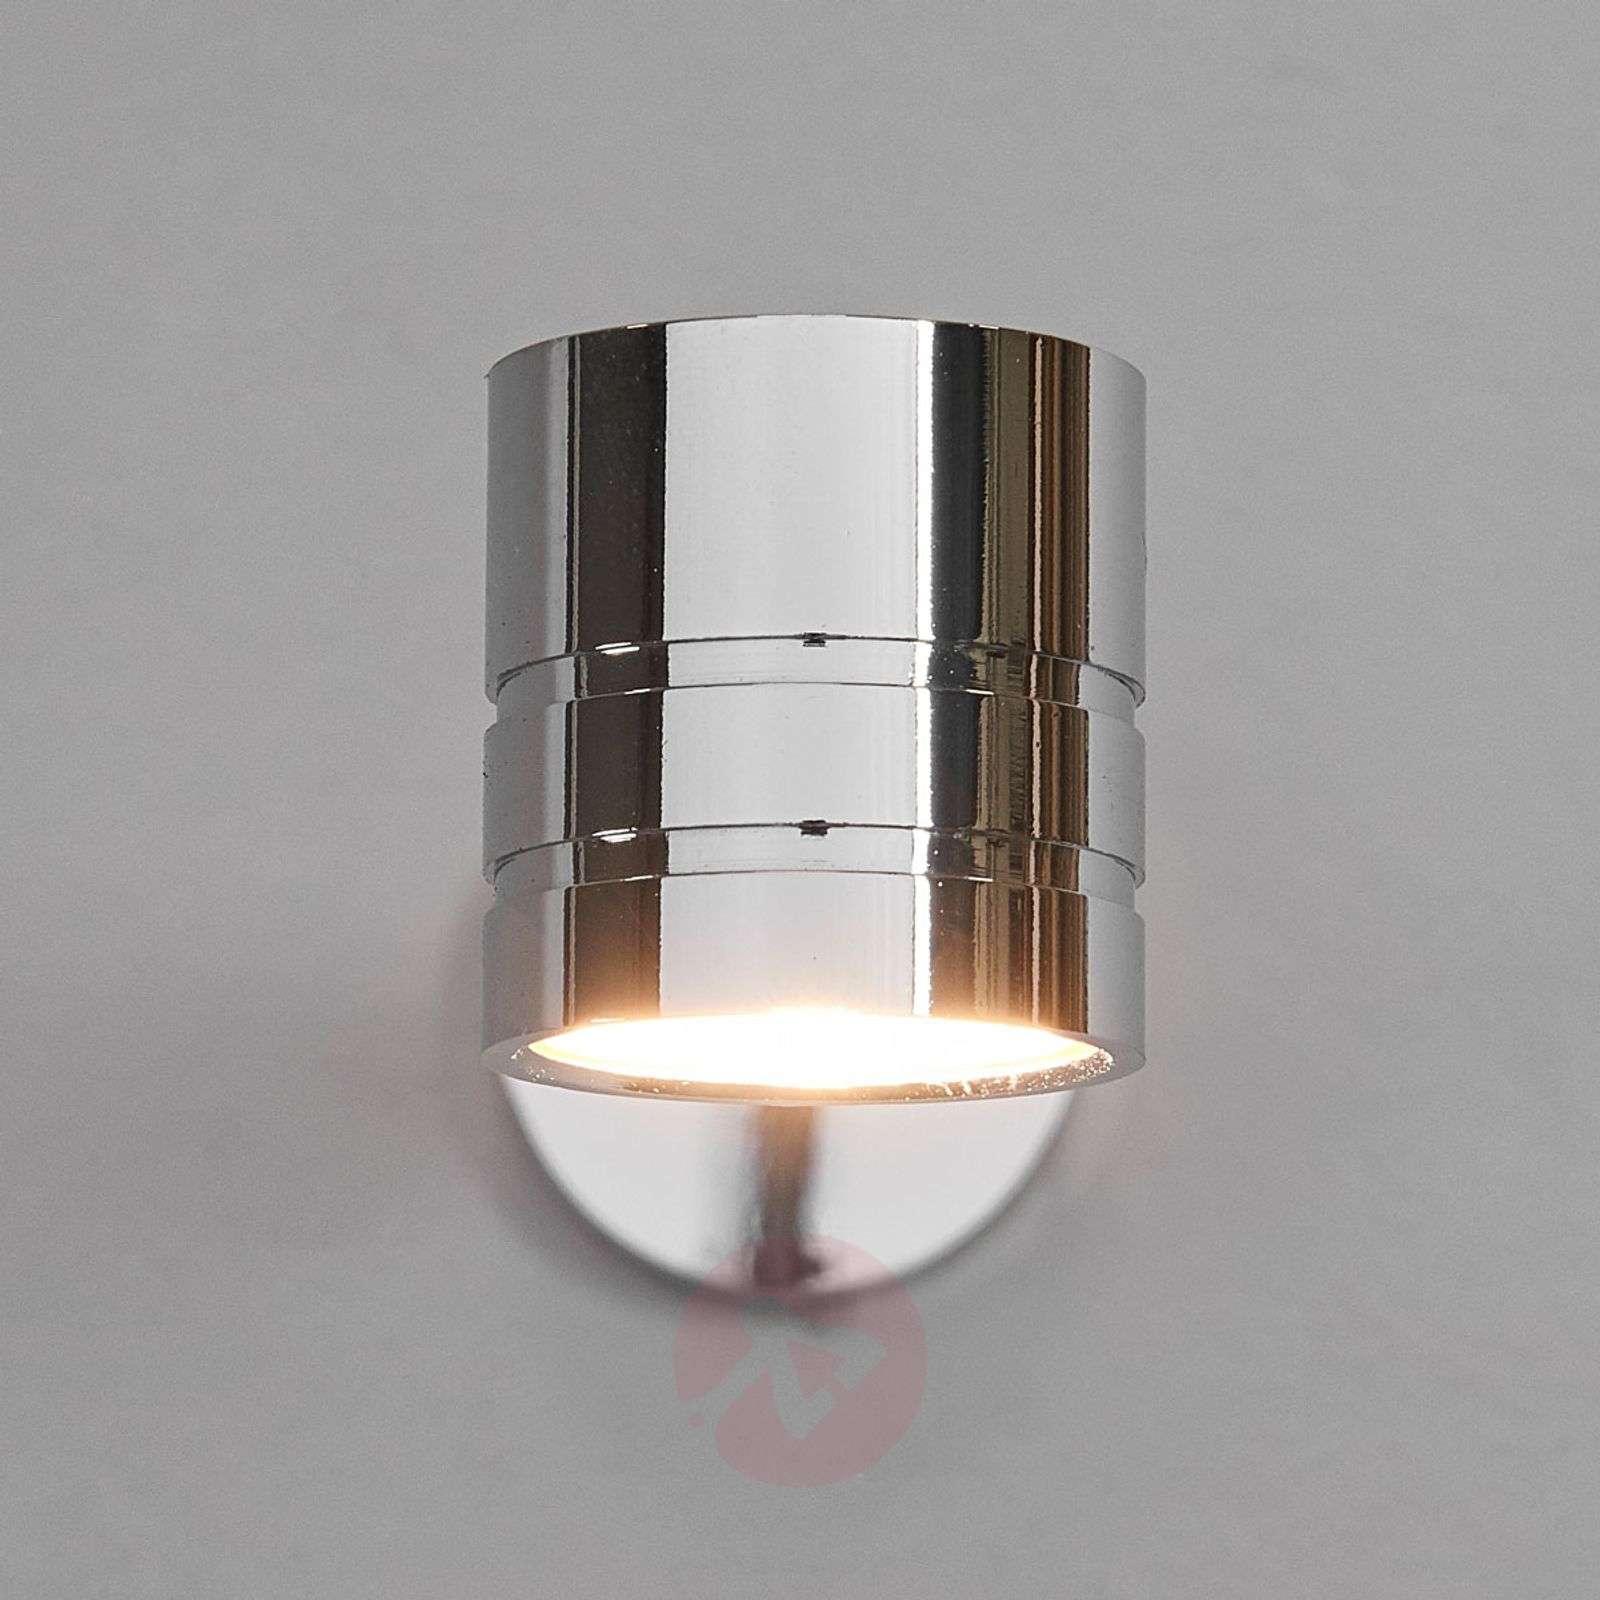 LED-näyttövalaisin PEDRIA II käännettävällä päällä-2501920-02